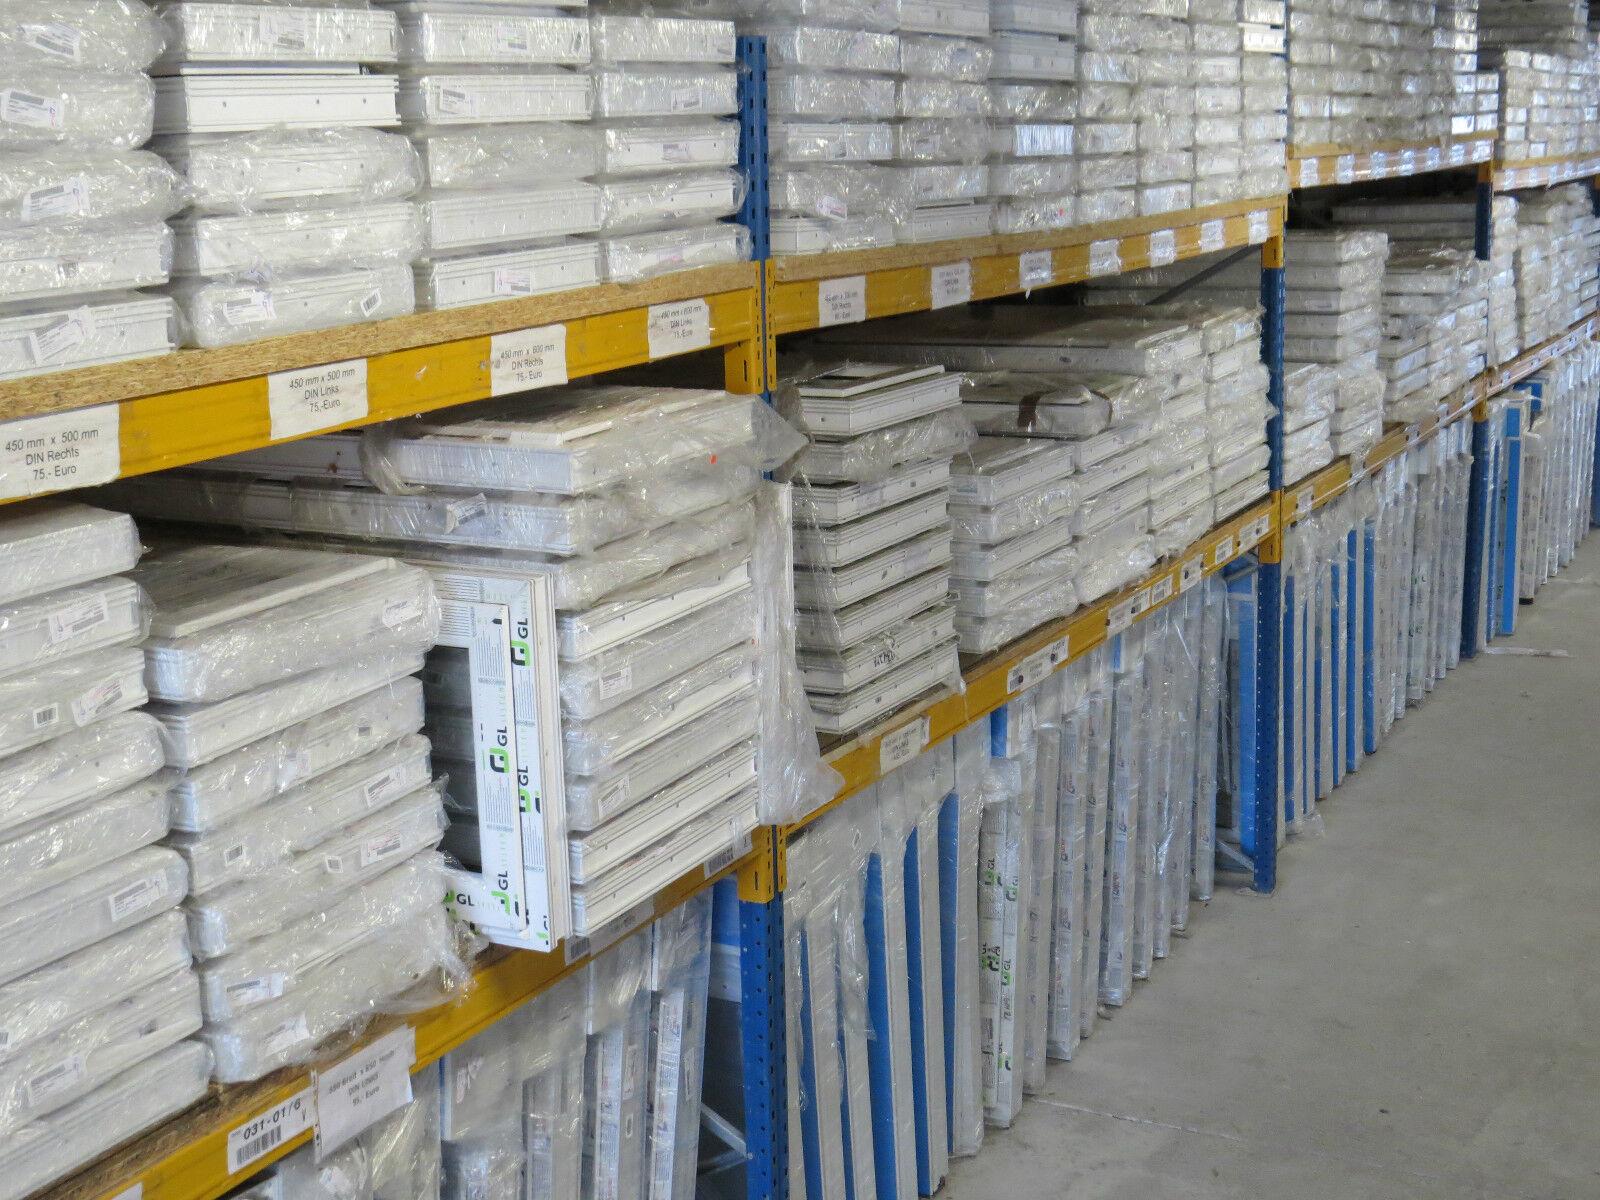 Fenster kaufen Kunststofffenster Thermopenverglasung Konfigurator Thermopen Weiß